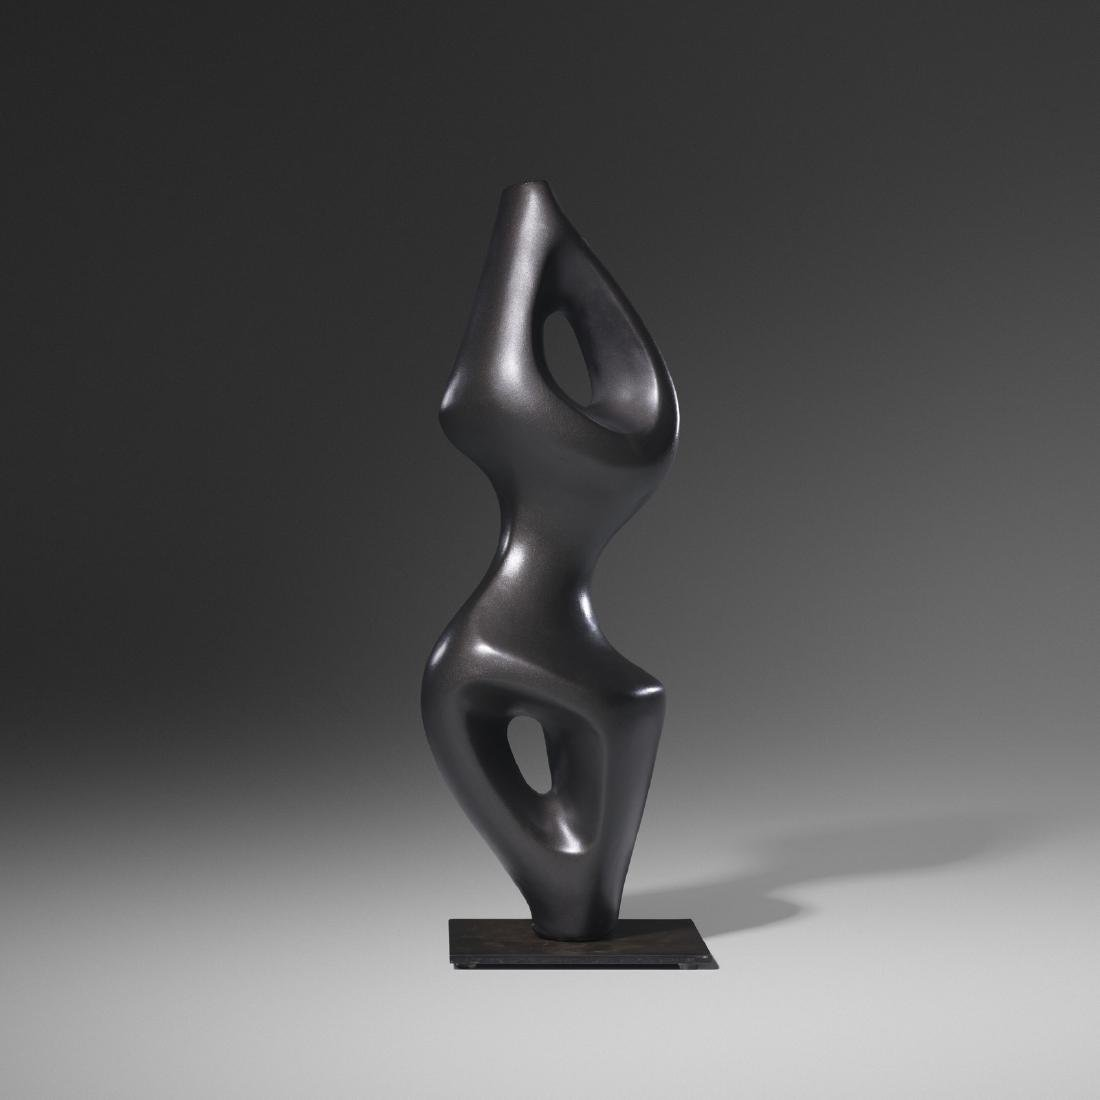 Georges Jouve, Important sculpture